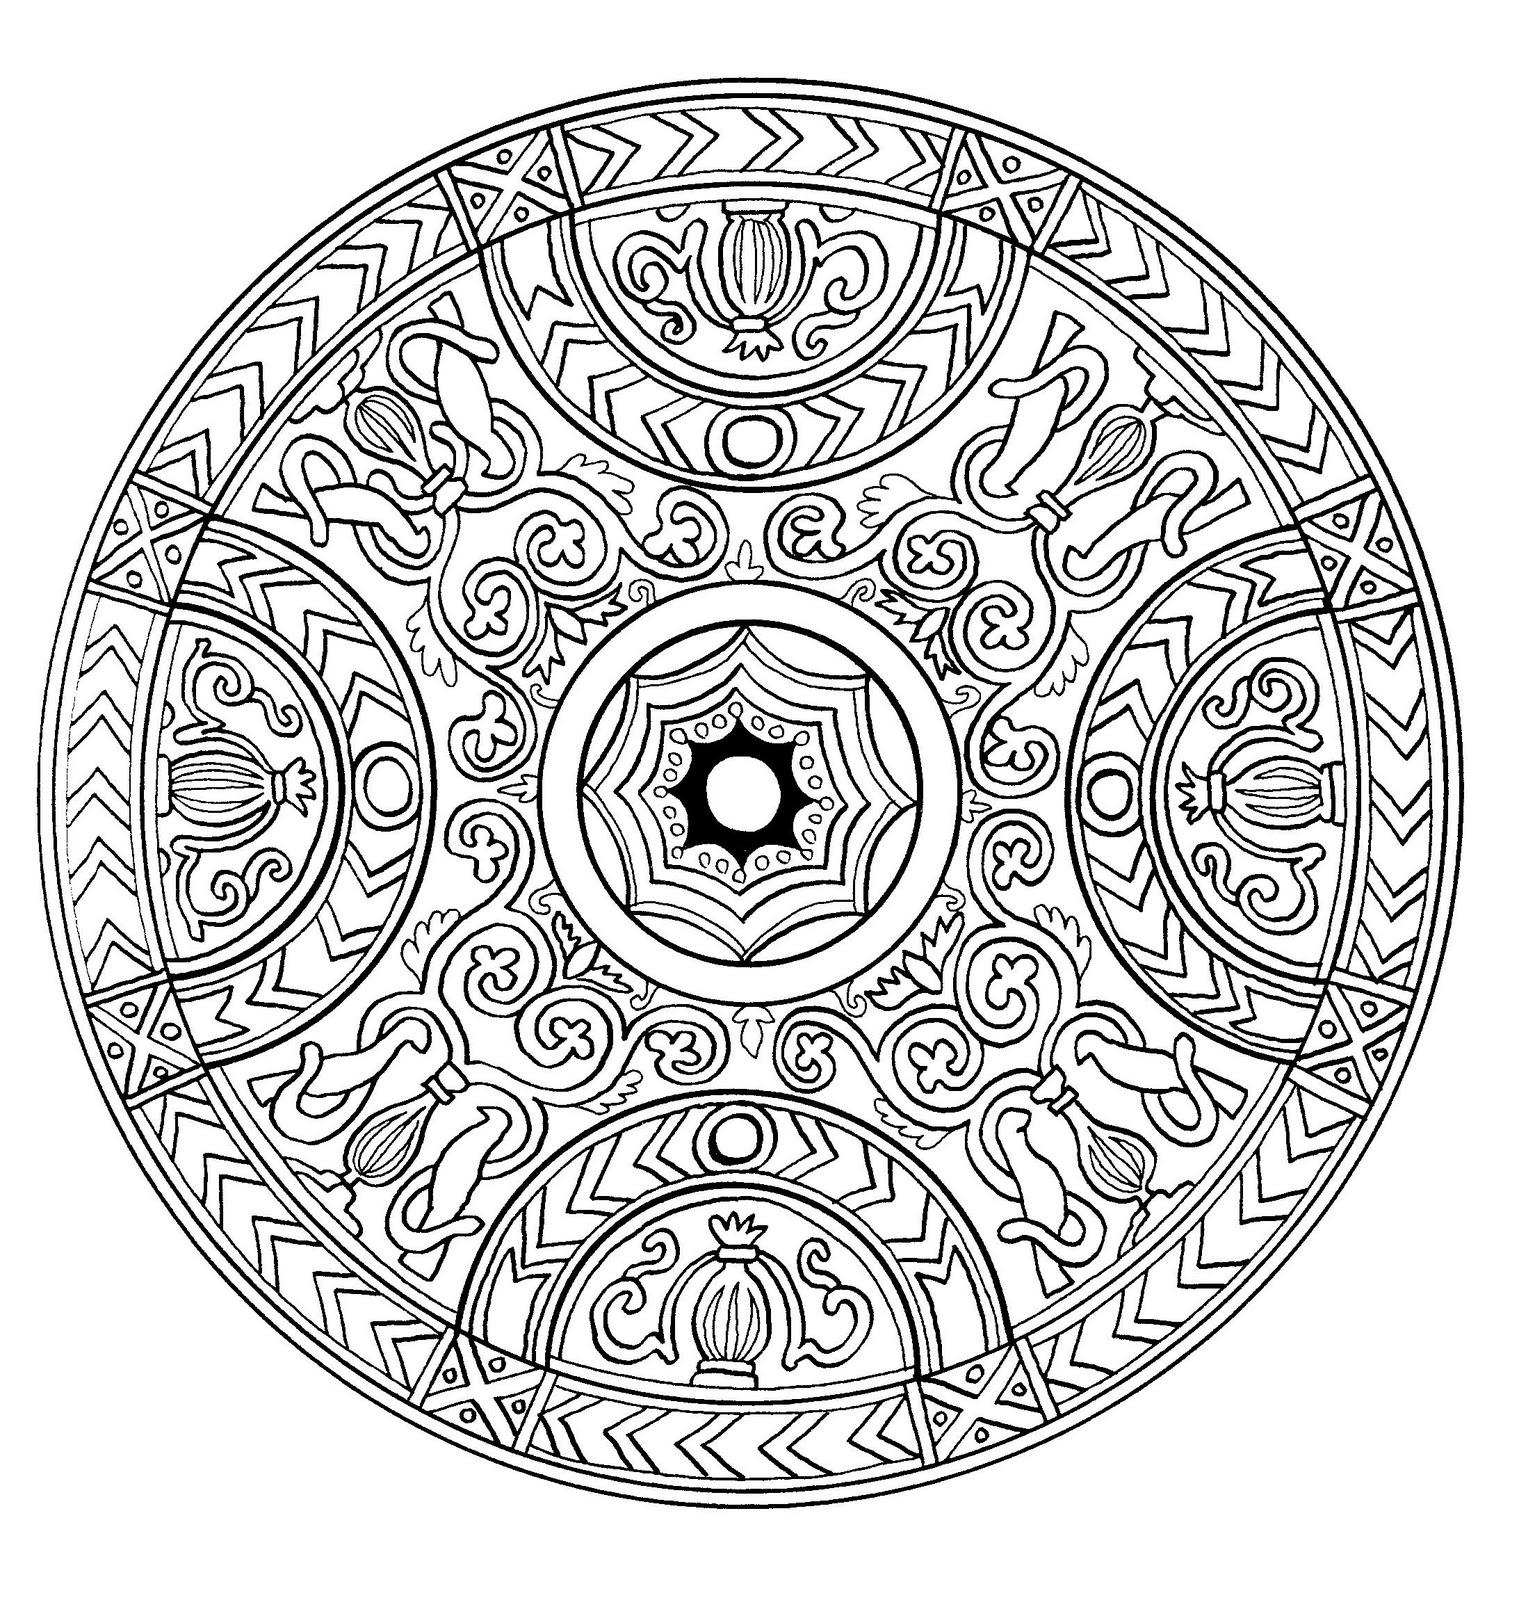 Mandala a colorier zen relax gratuit 14 mandalas zen anti stress 100 mandalas zen anti - Mandalas a colorier gratuit ...